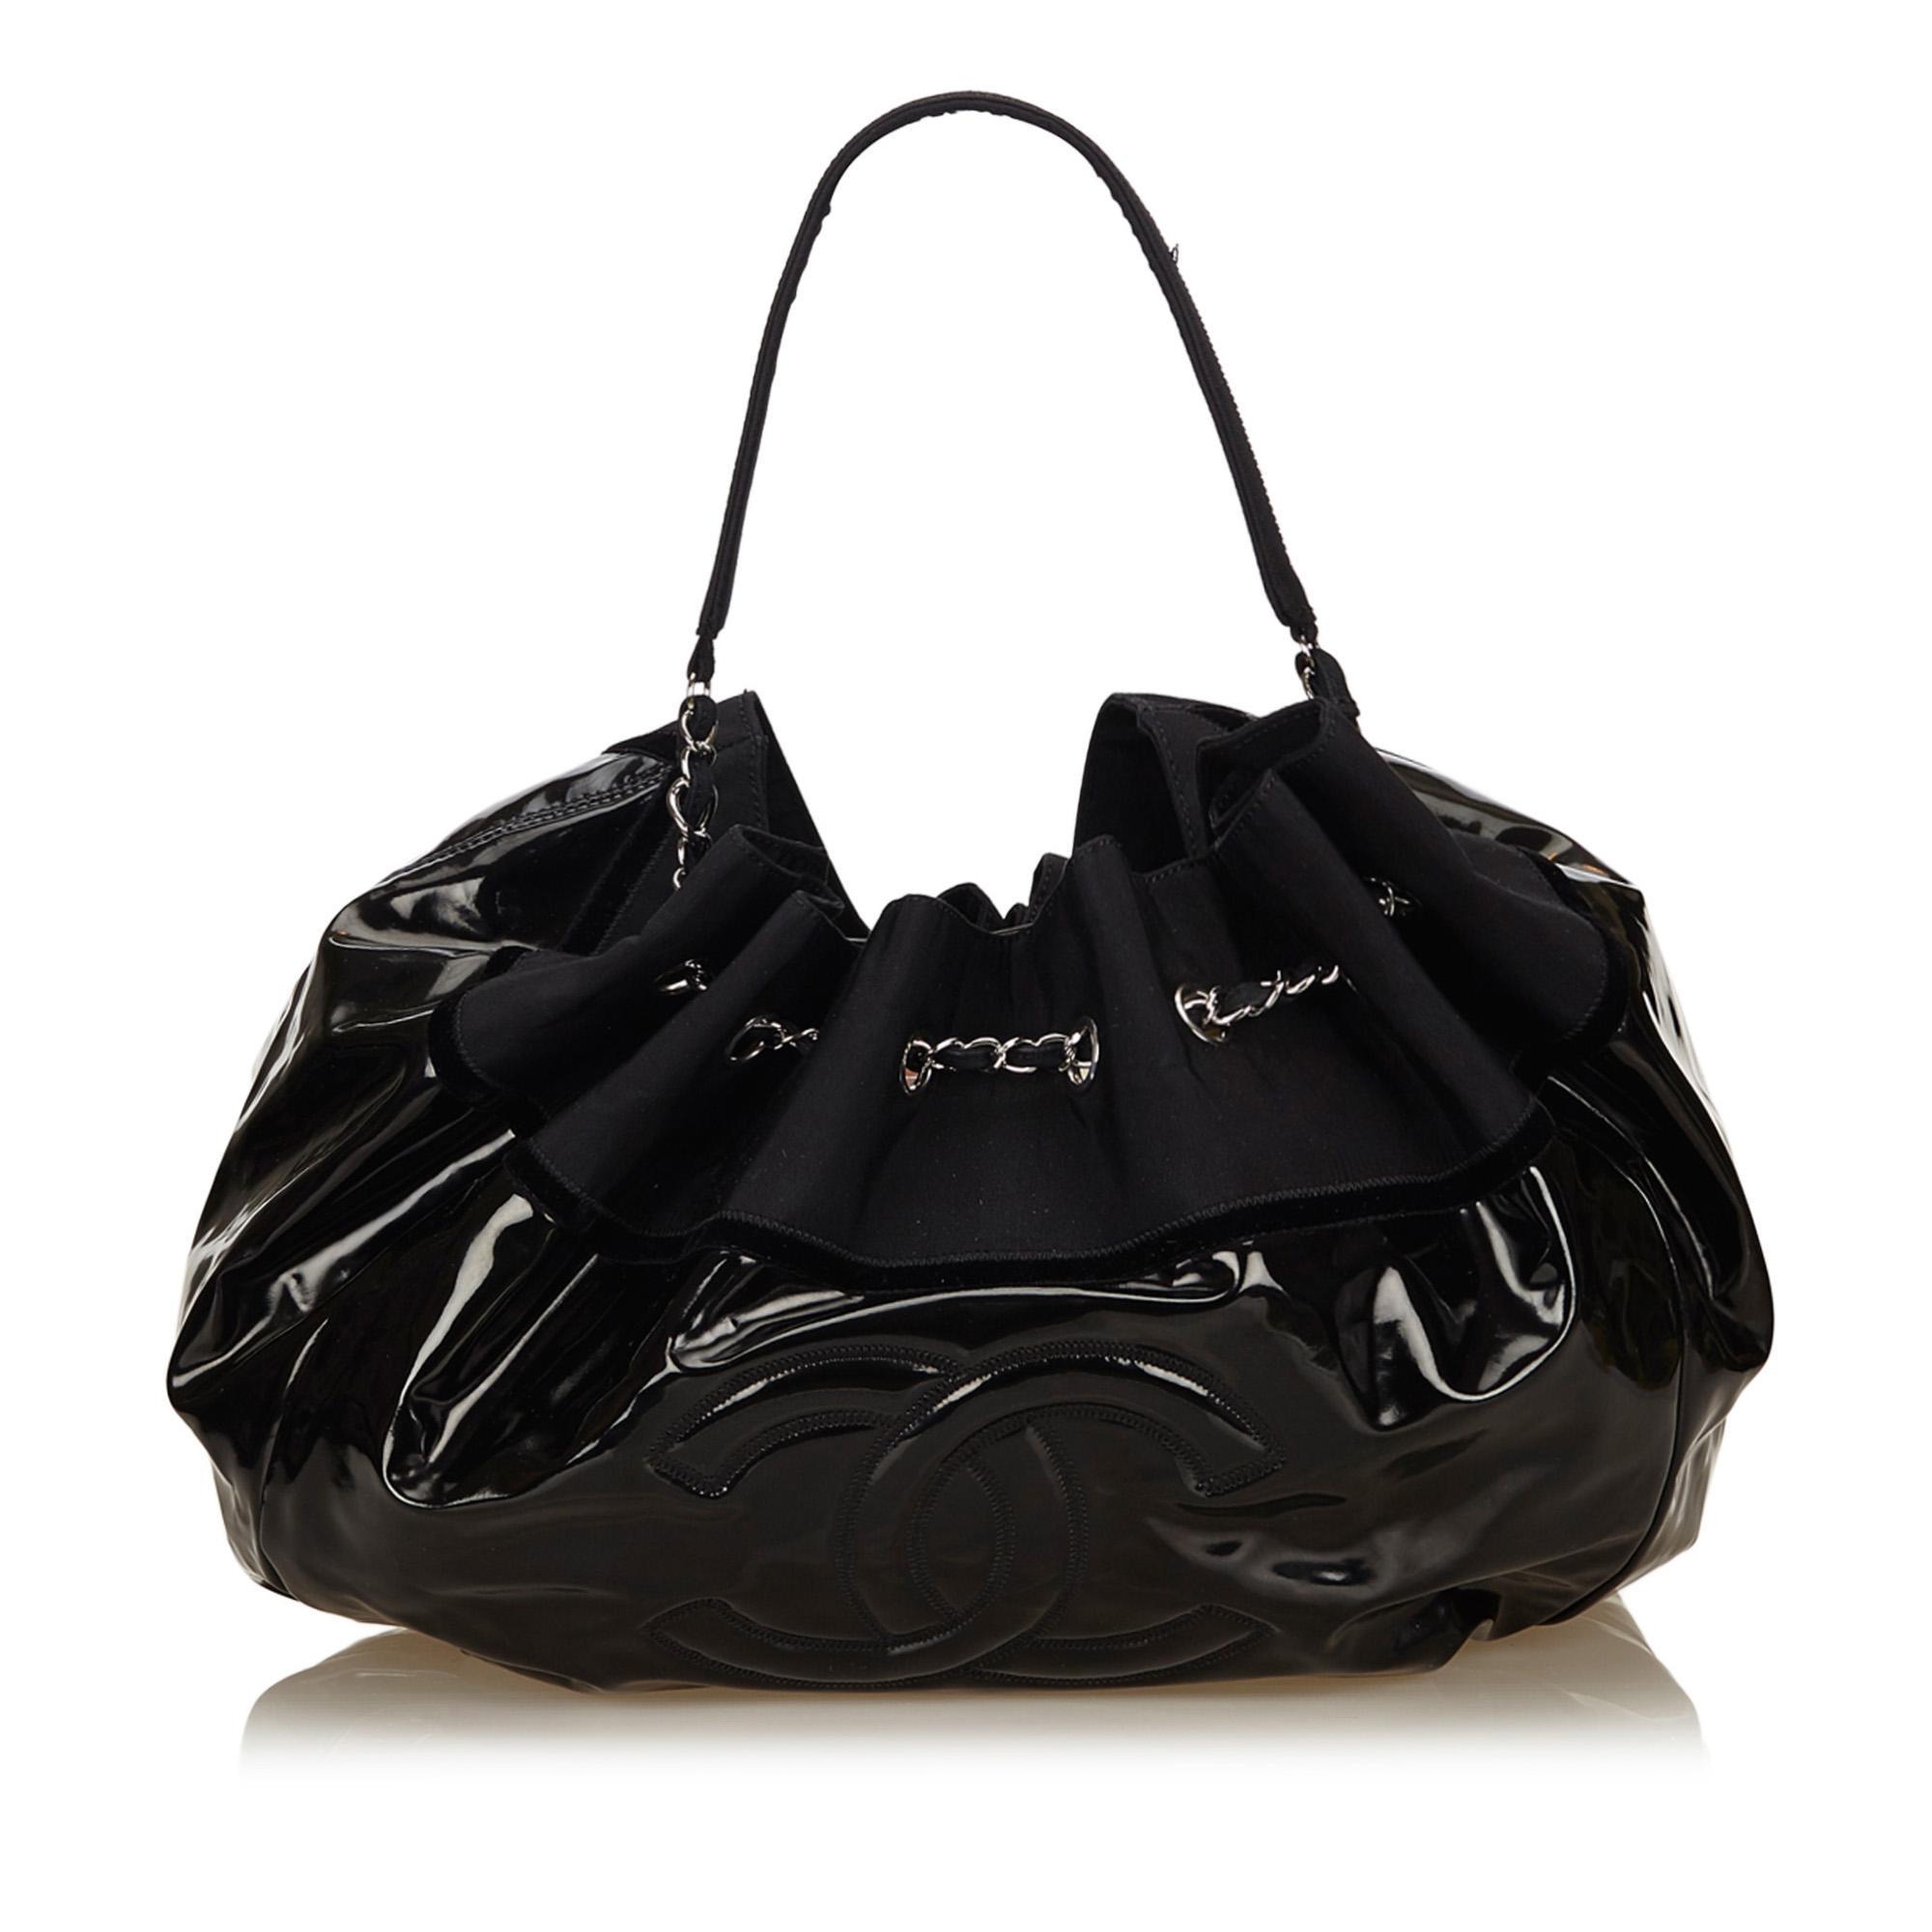 defec8911af Lyst - Chanel Vinyl Stretch Spirit Cabas Tote Bag in Black